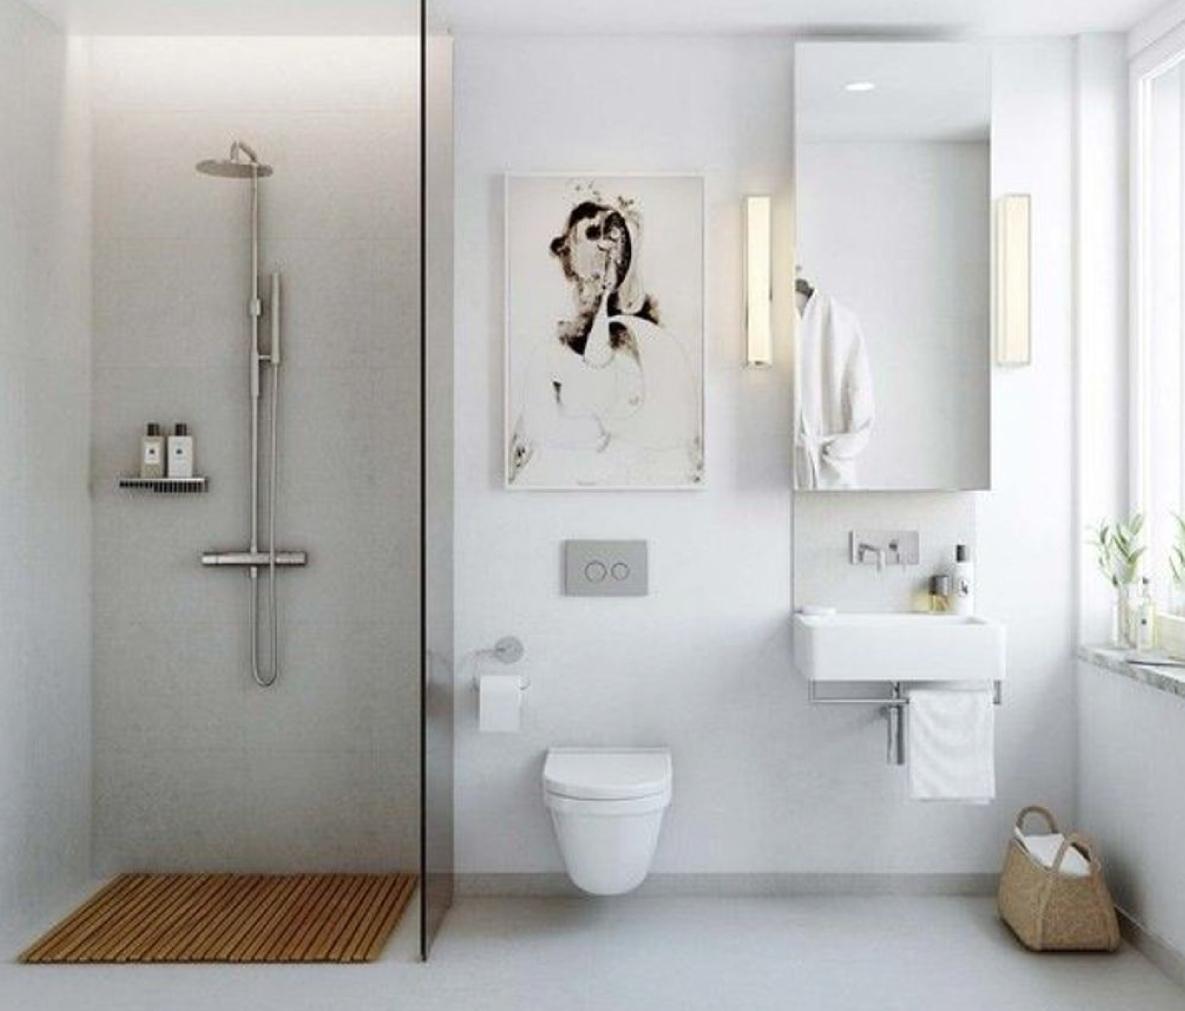 Decorando banheiro pequeno